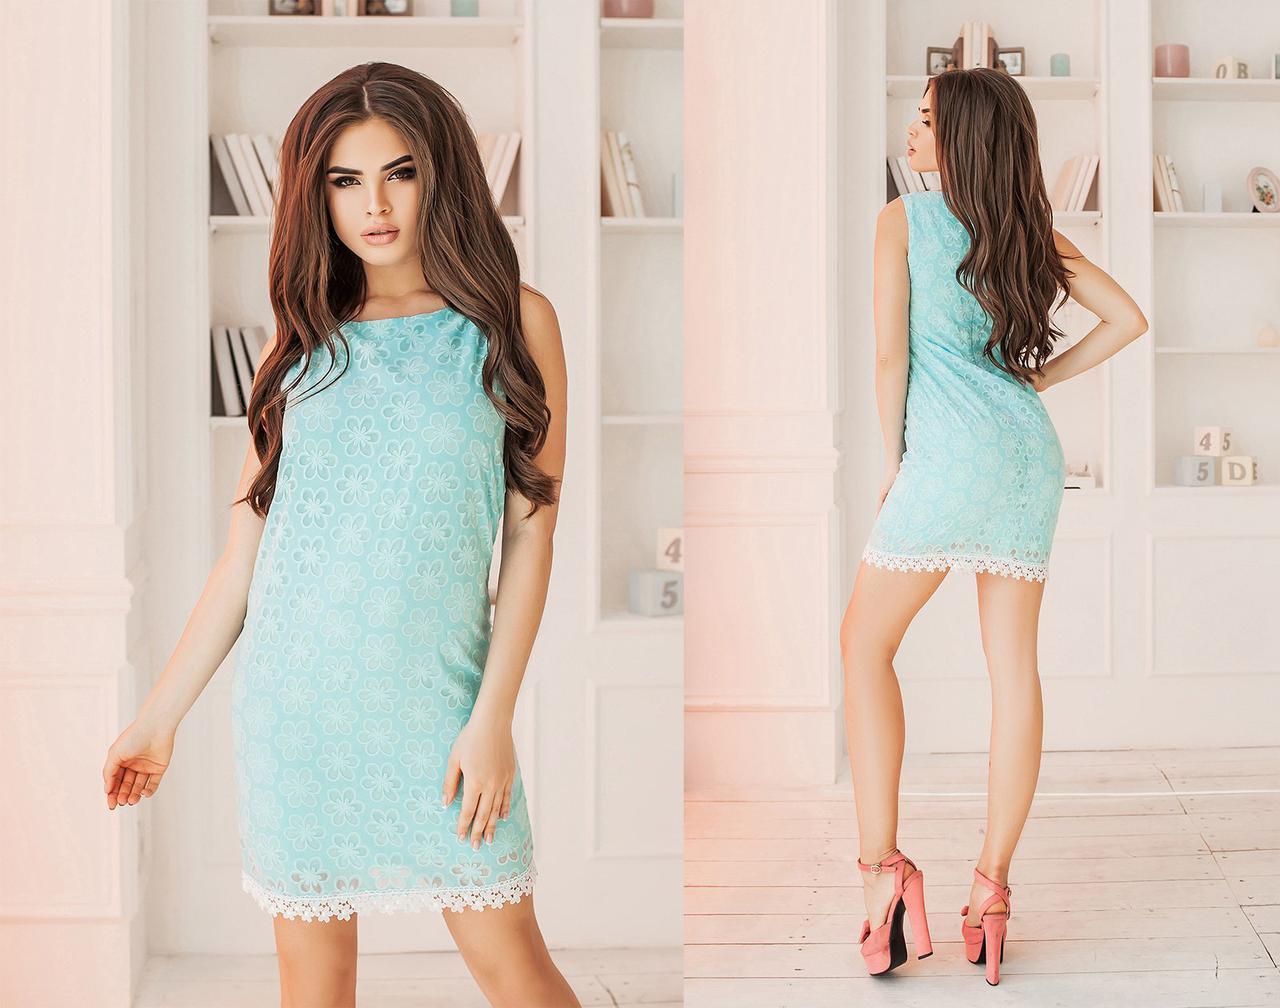 dbe59a271cc Купить Платье летнее короткое